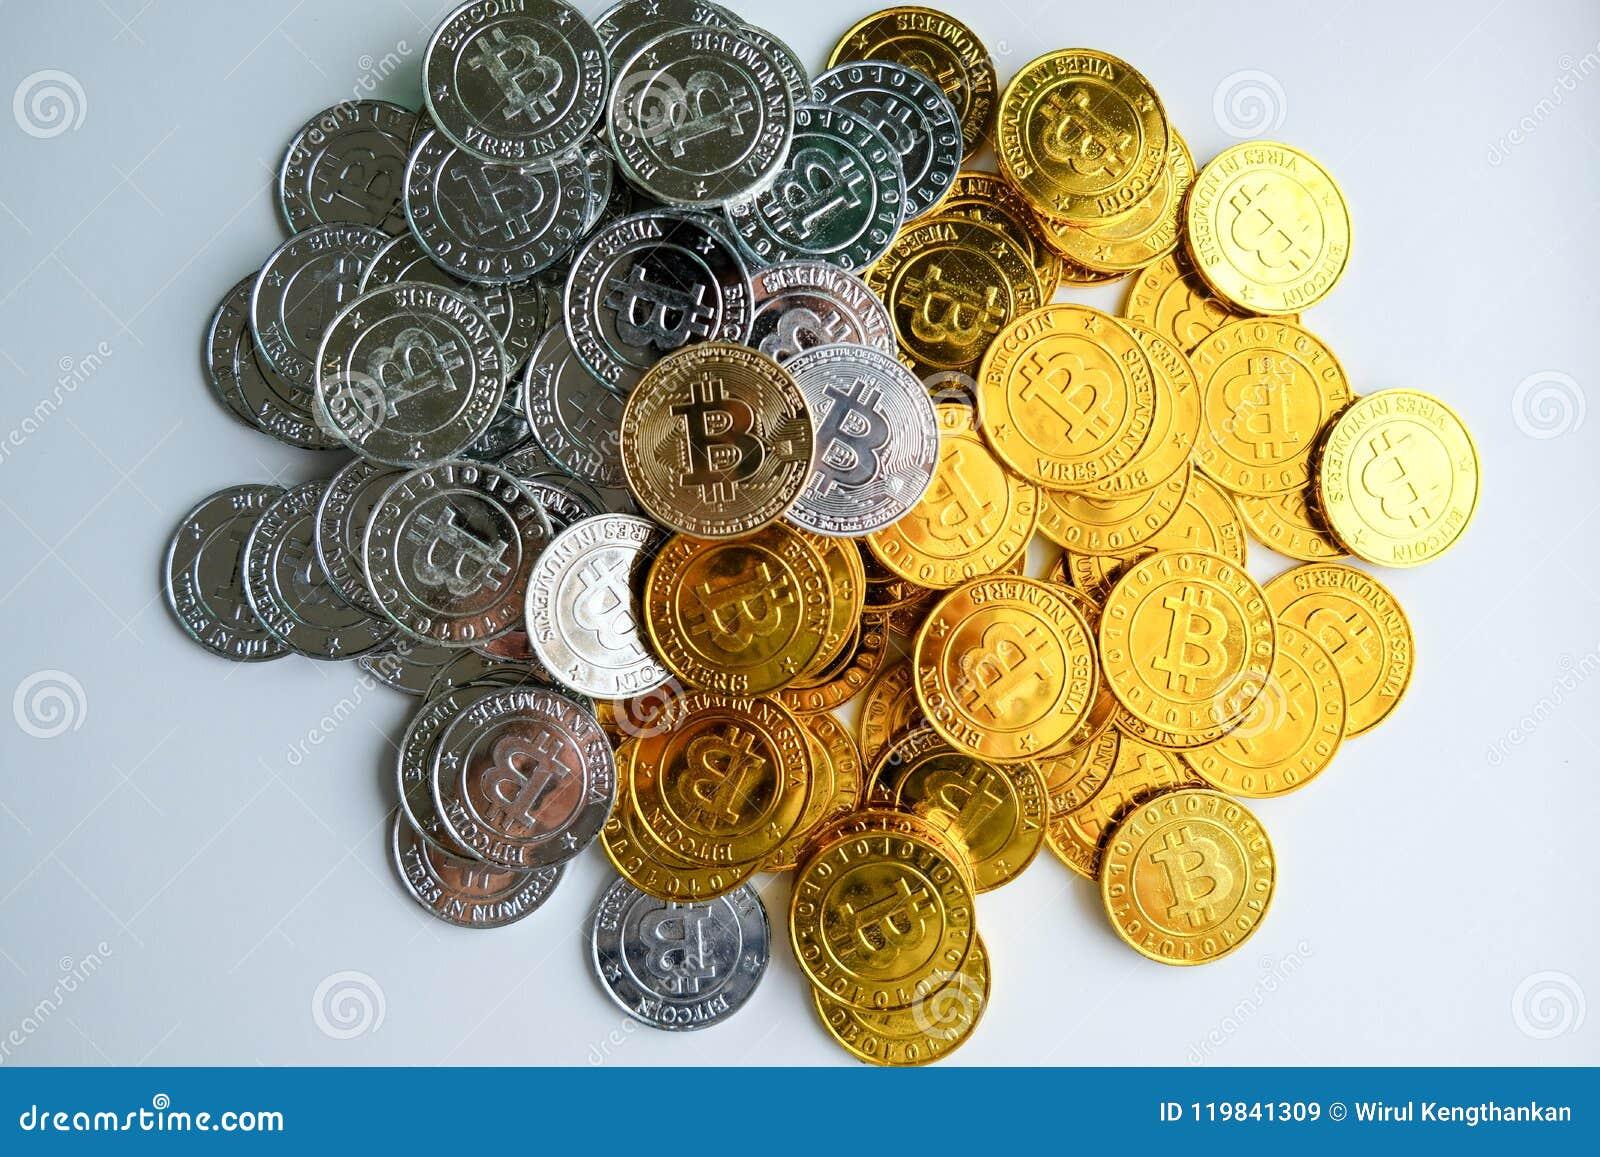 Bland högar av guld- och silverbitcoin- och blockchainknutpunkter lite varstans Blockchain överför faktiskt cryptocurrencybegrepp